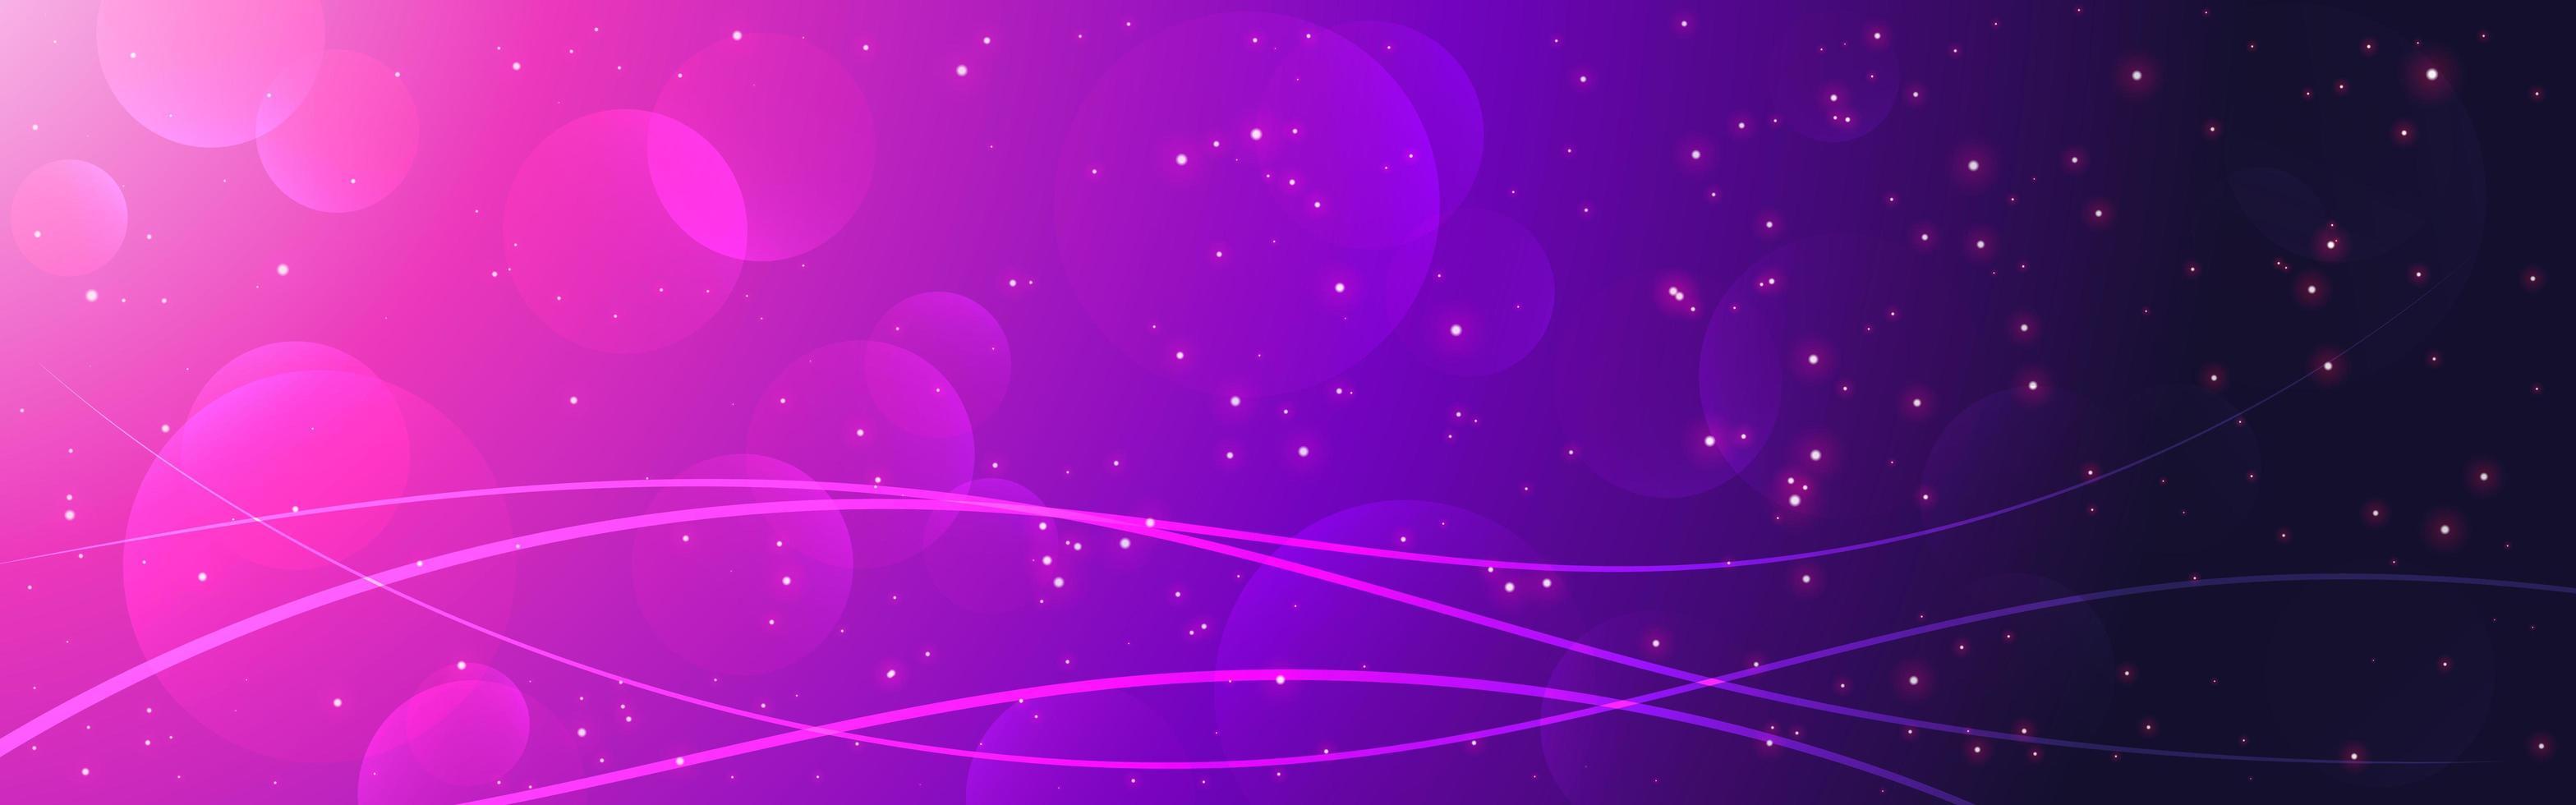 sfumatura rosa e viola con bokeh magico vettore